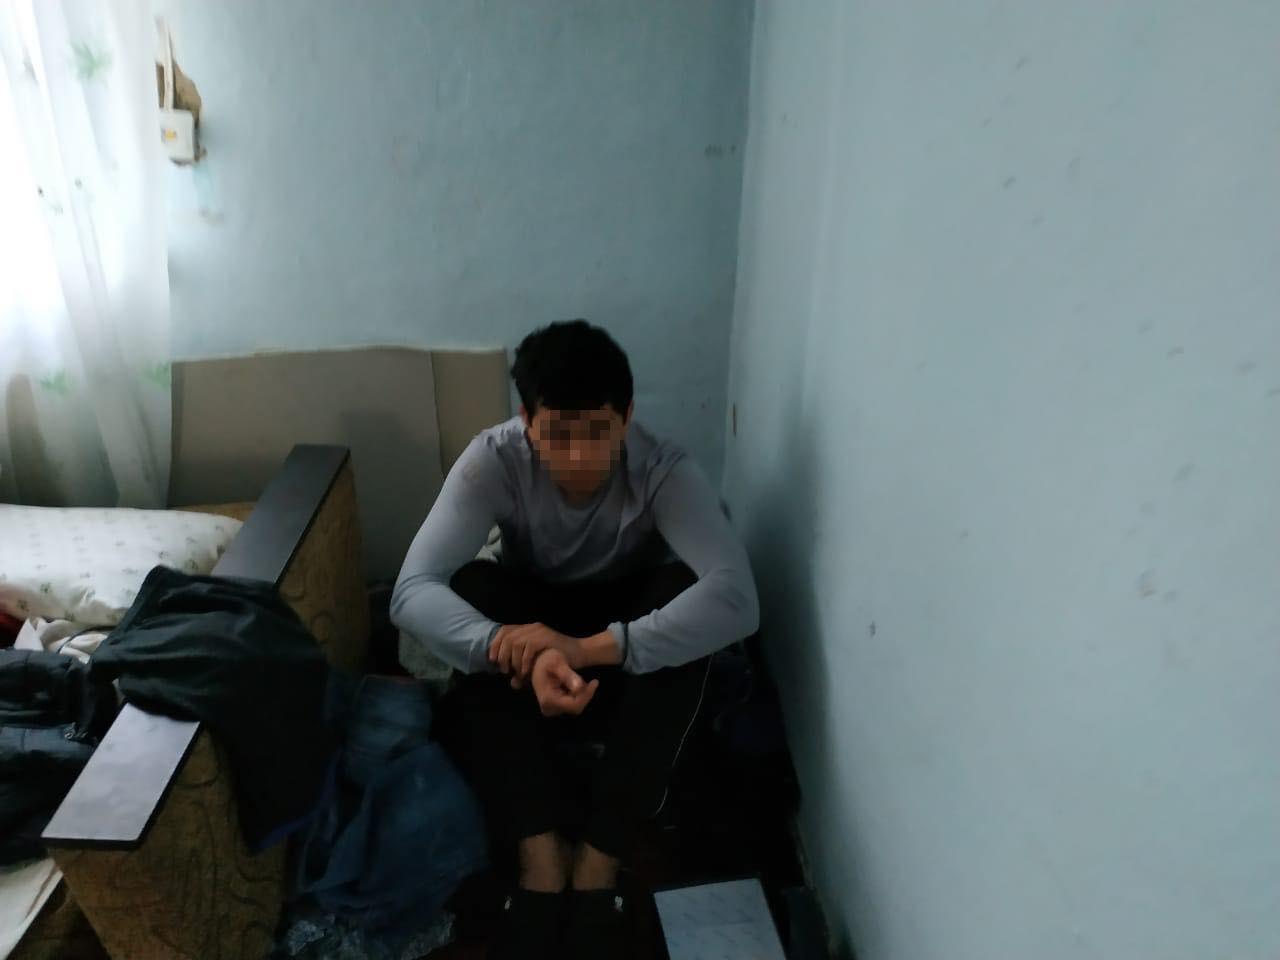 Похитители более года пытали мужчину ради квартиры: полиция, фото